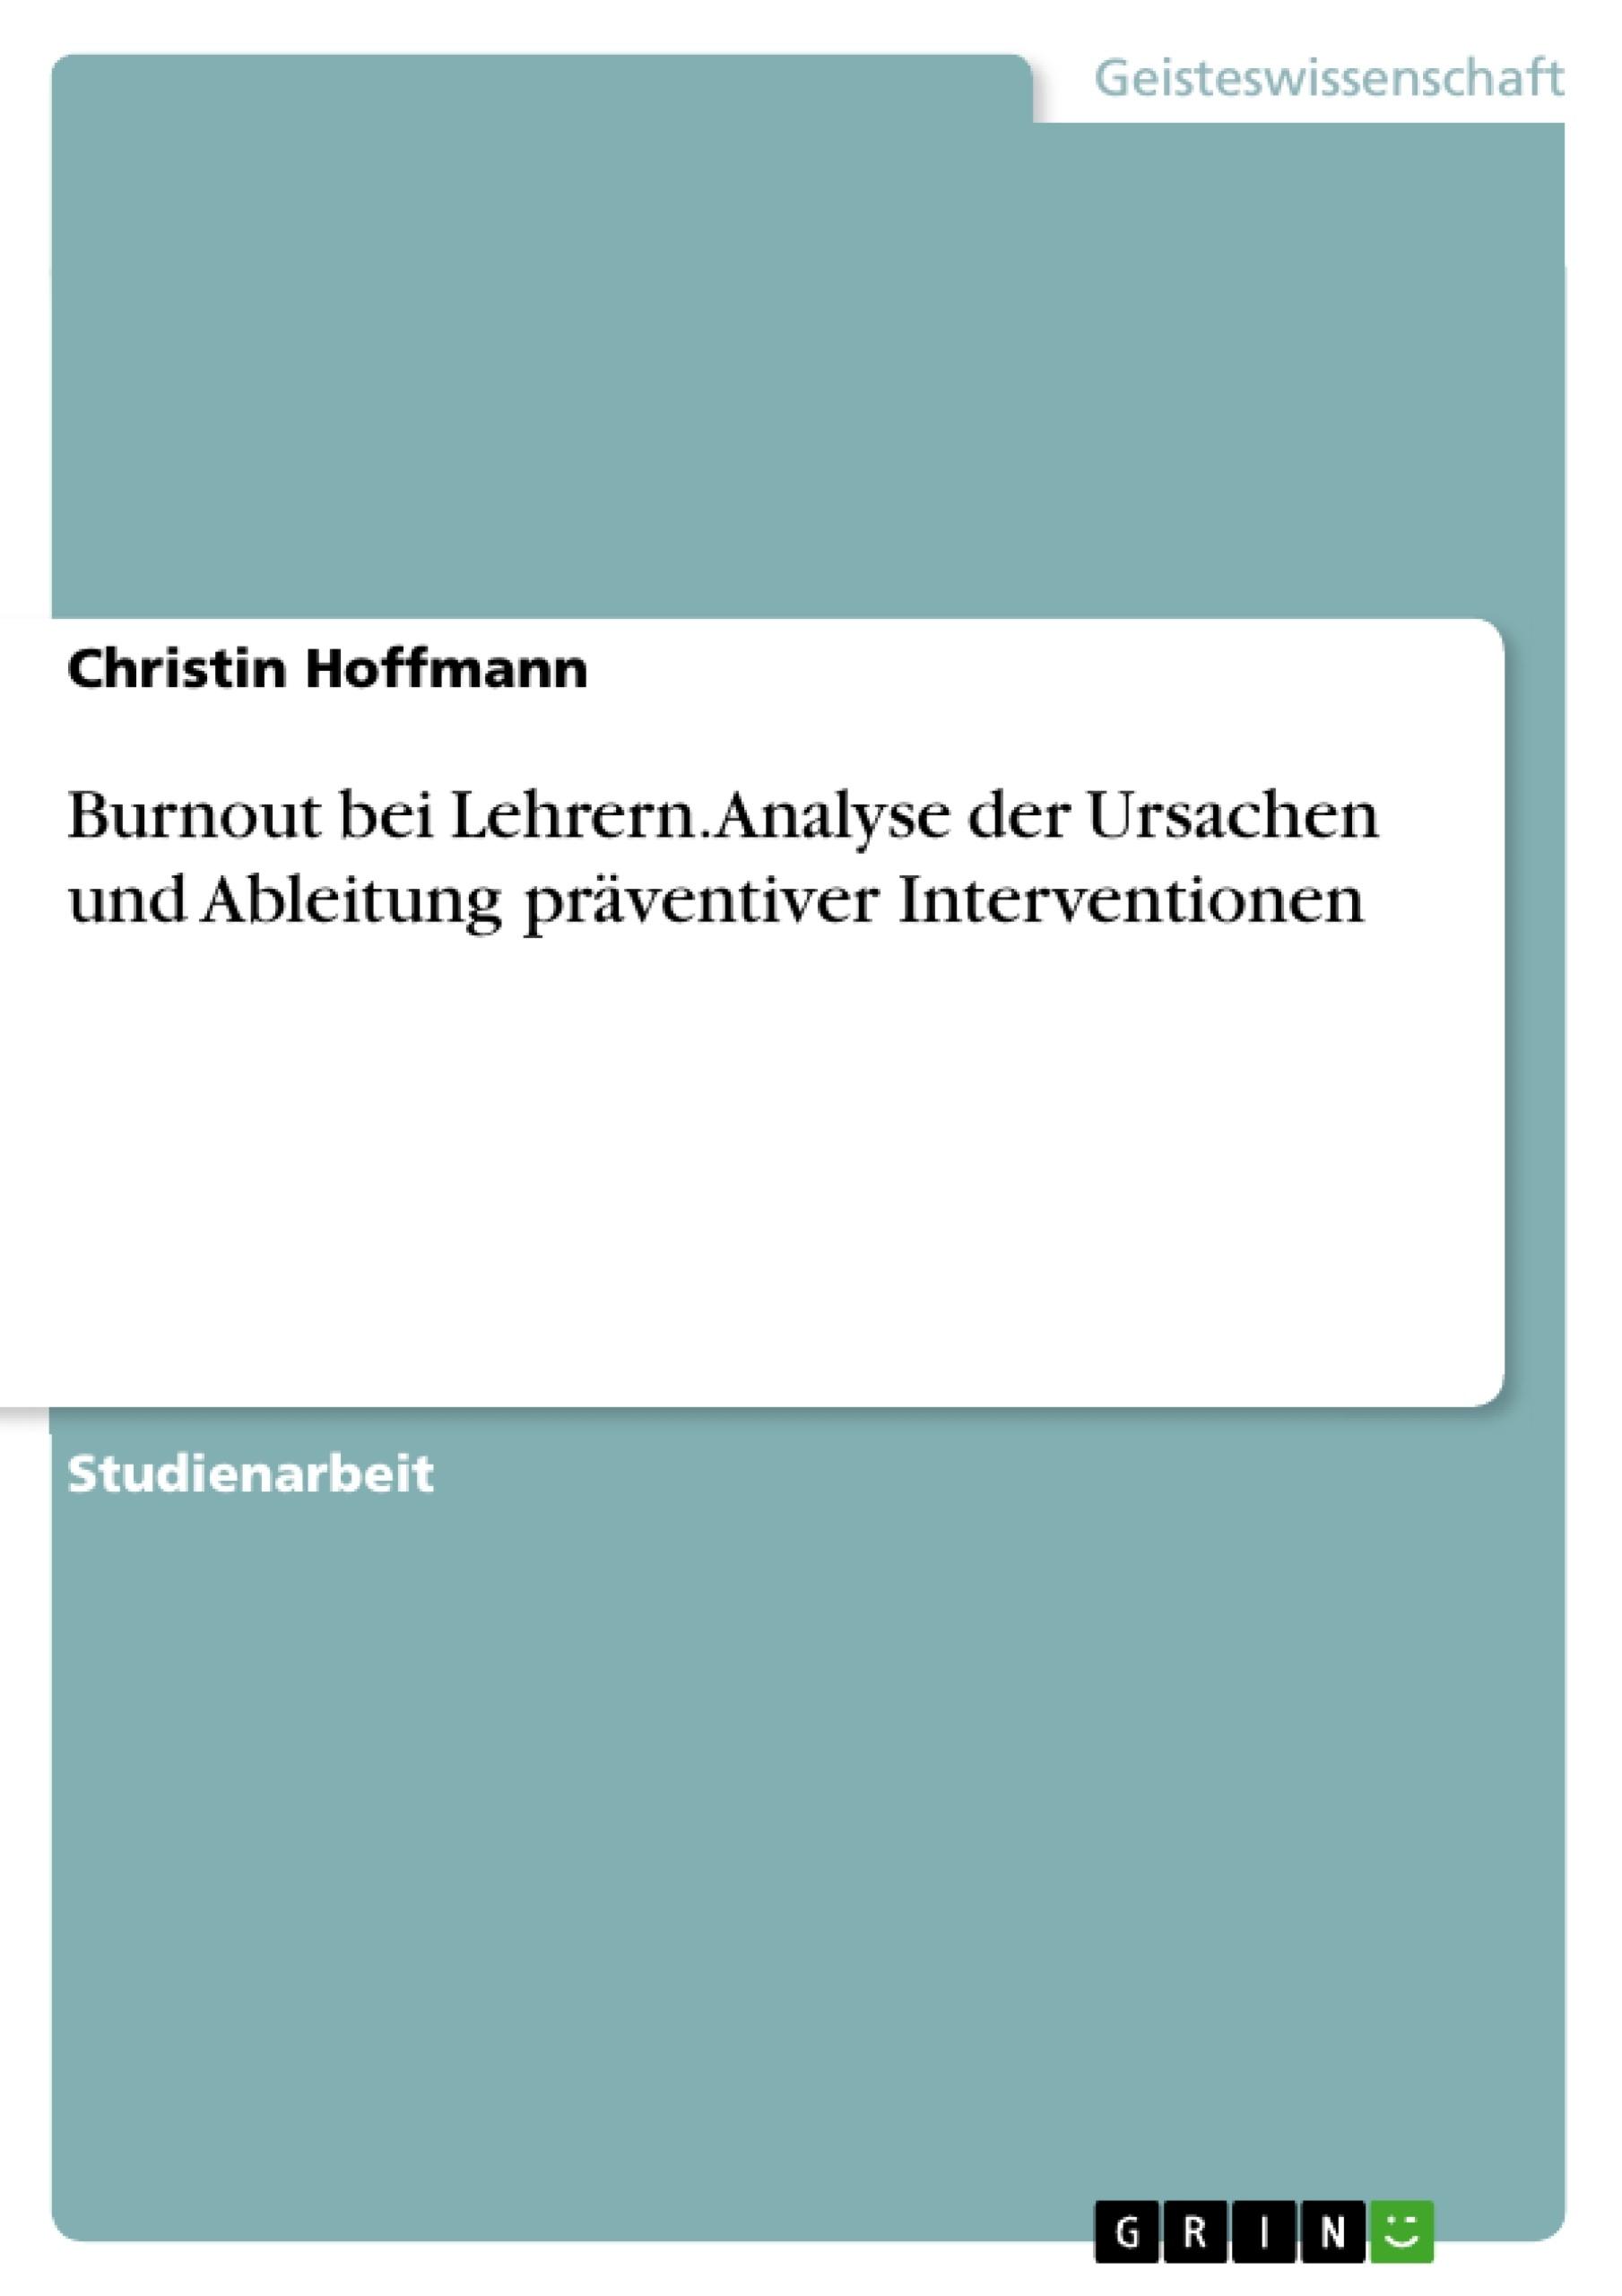 Titel: Burnout bei Lehrern. Analyse der Ursachen und Ableitung präventiver Interventionen